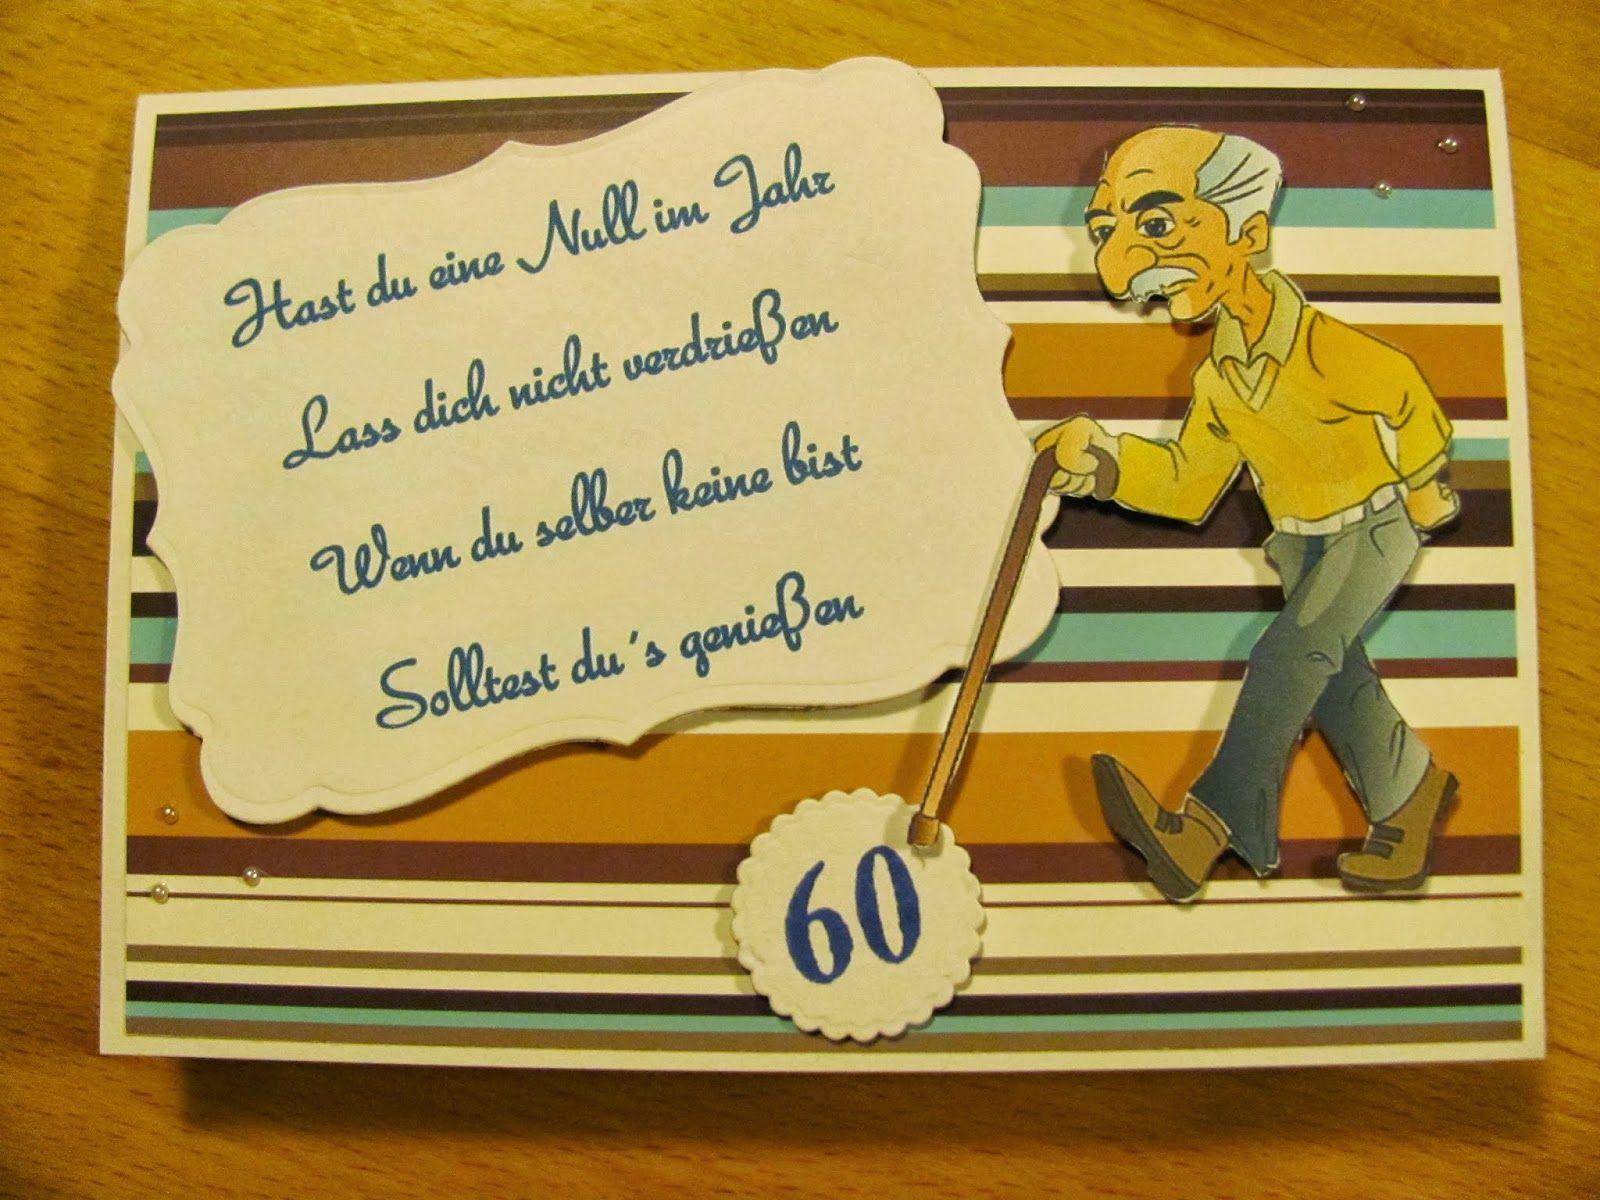 Geburtstagssprüche Zum 60. Geburtstag  geburtstagssprüche zum 60